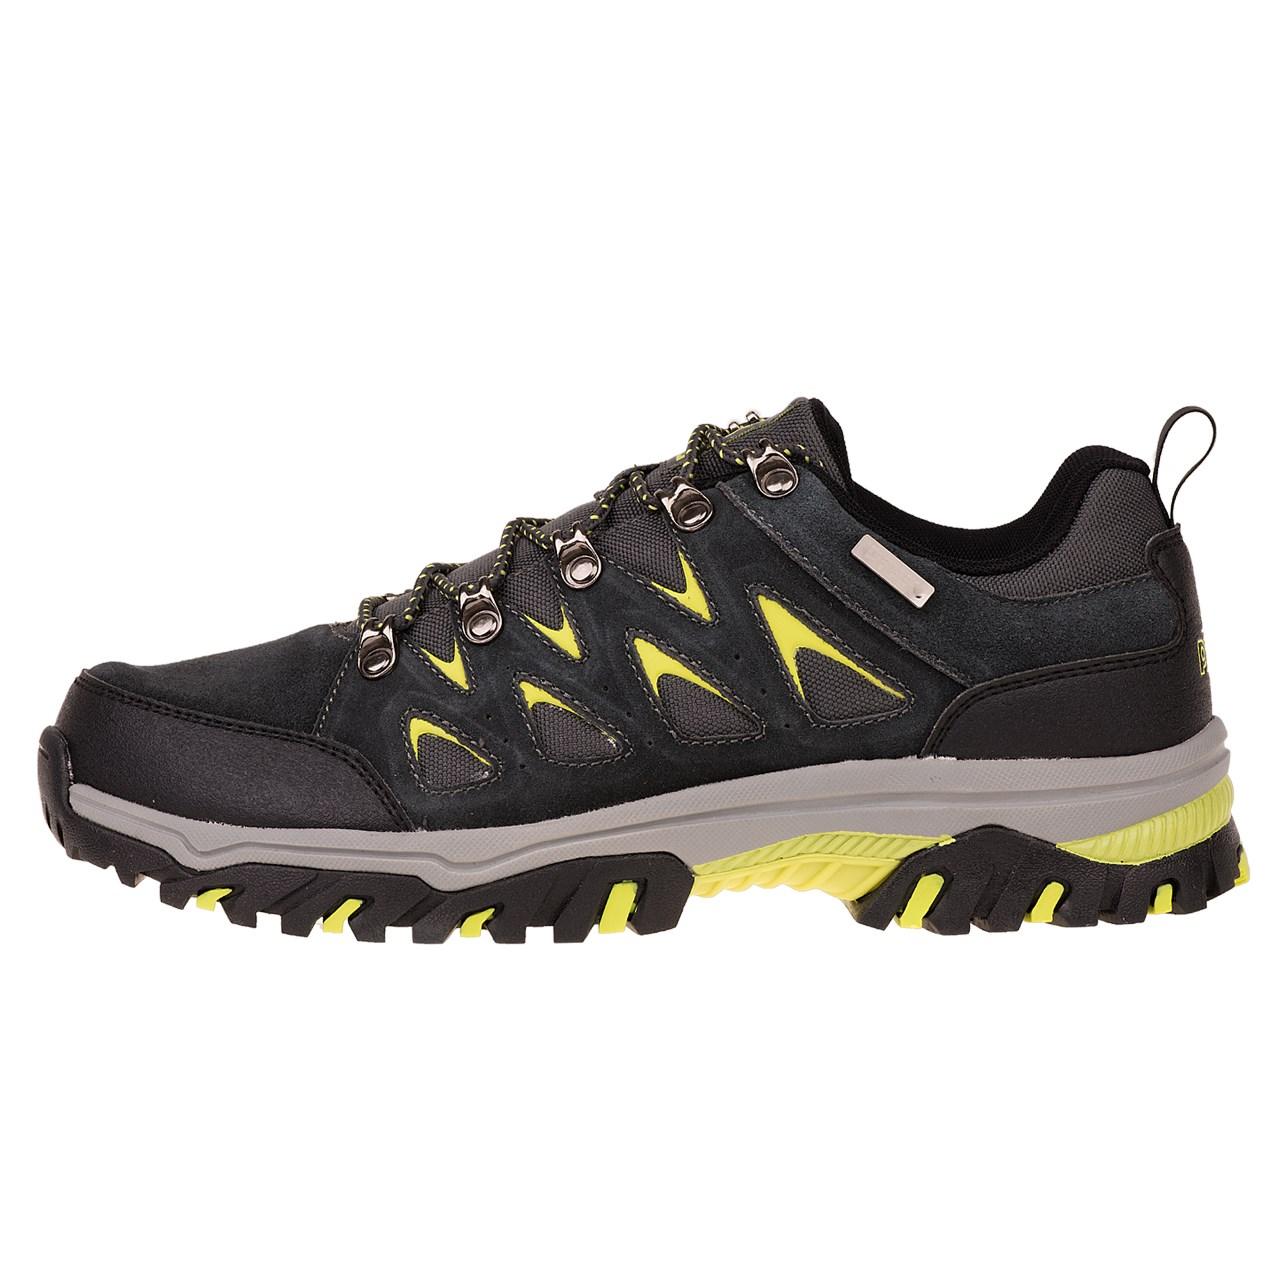 قیمت کفش کوهنوردی مردانه پیک مدل E73817G 1